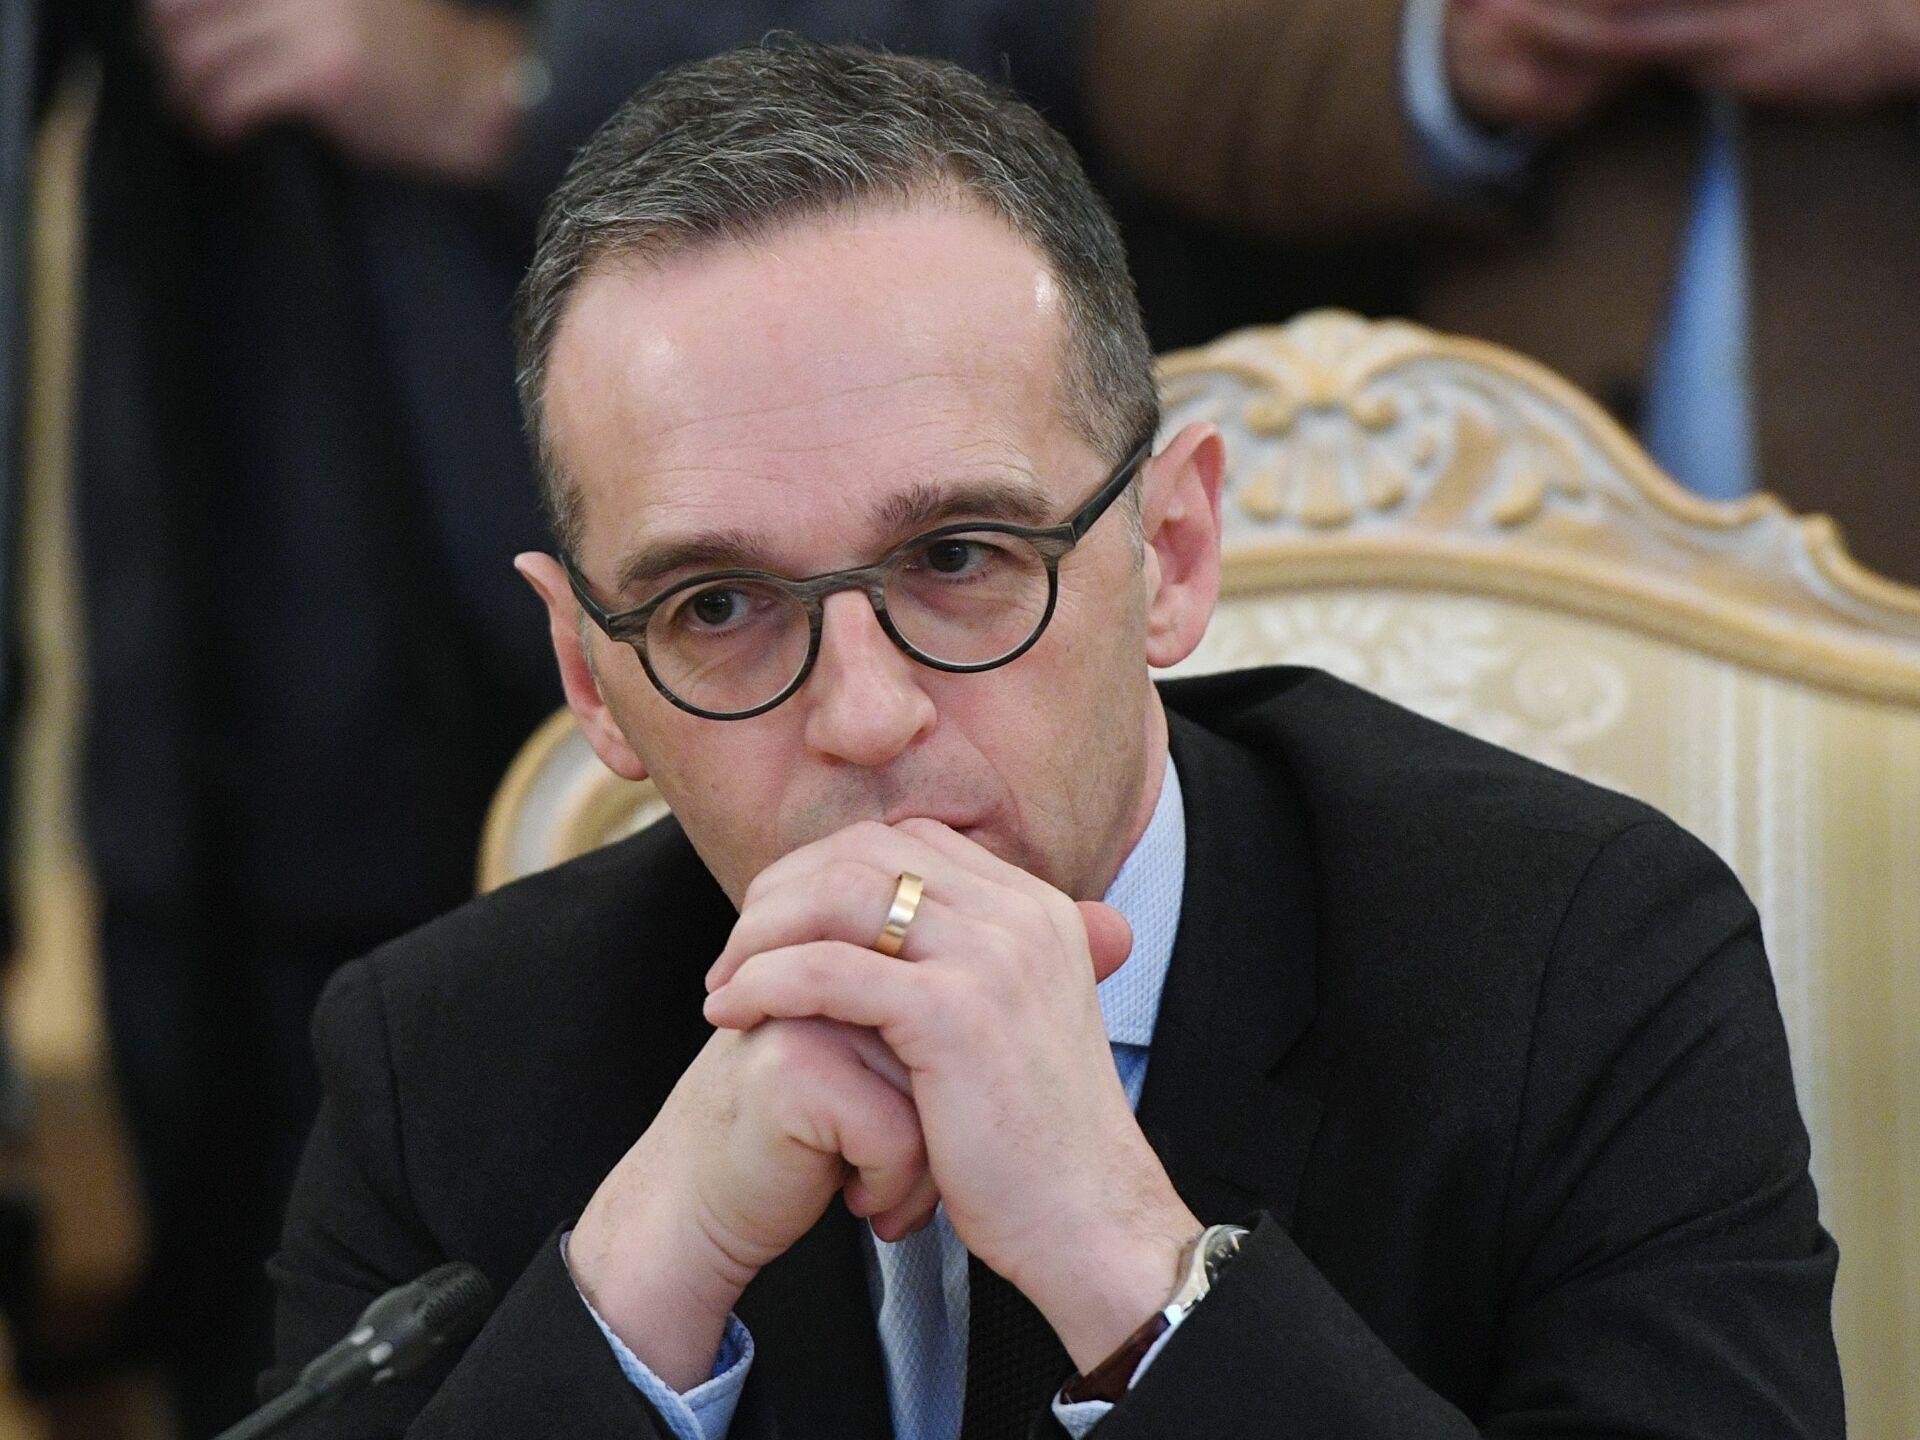 Немачки министар: Нажалост, идеја нацизма још увек није у потпуности искорењена